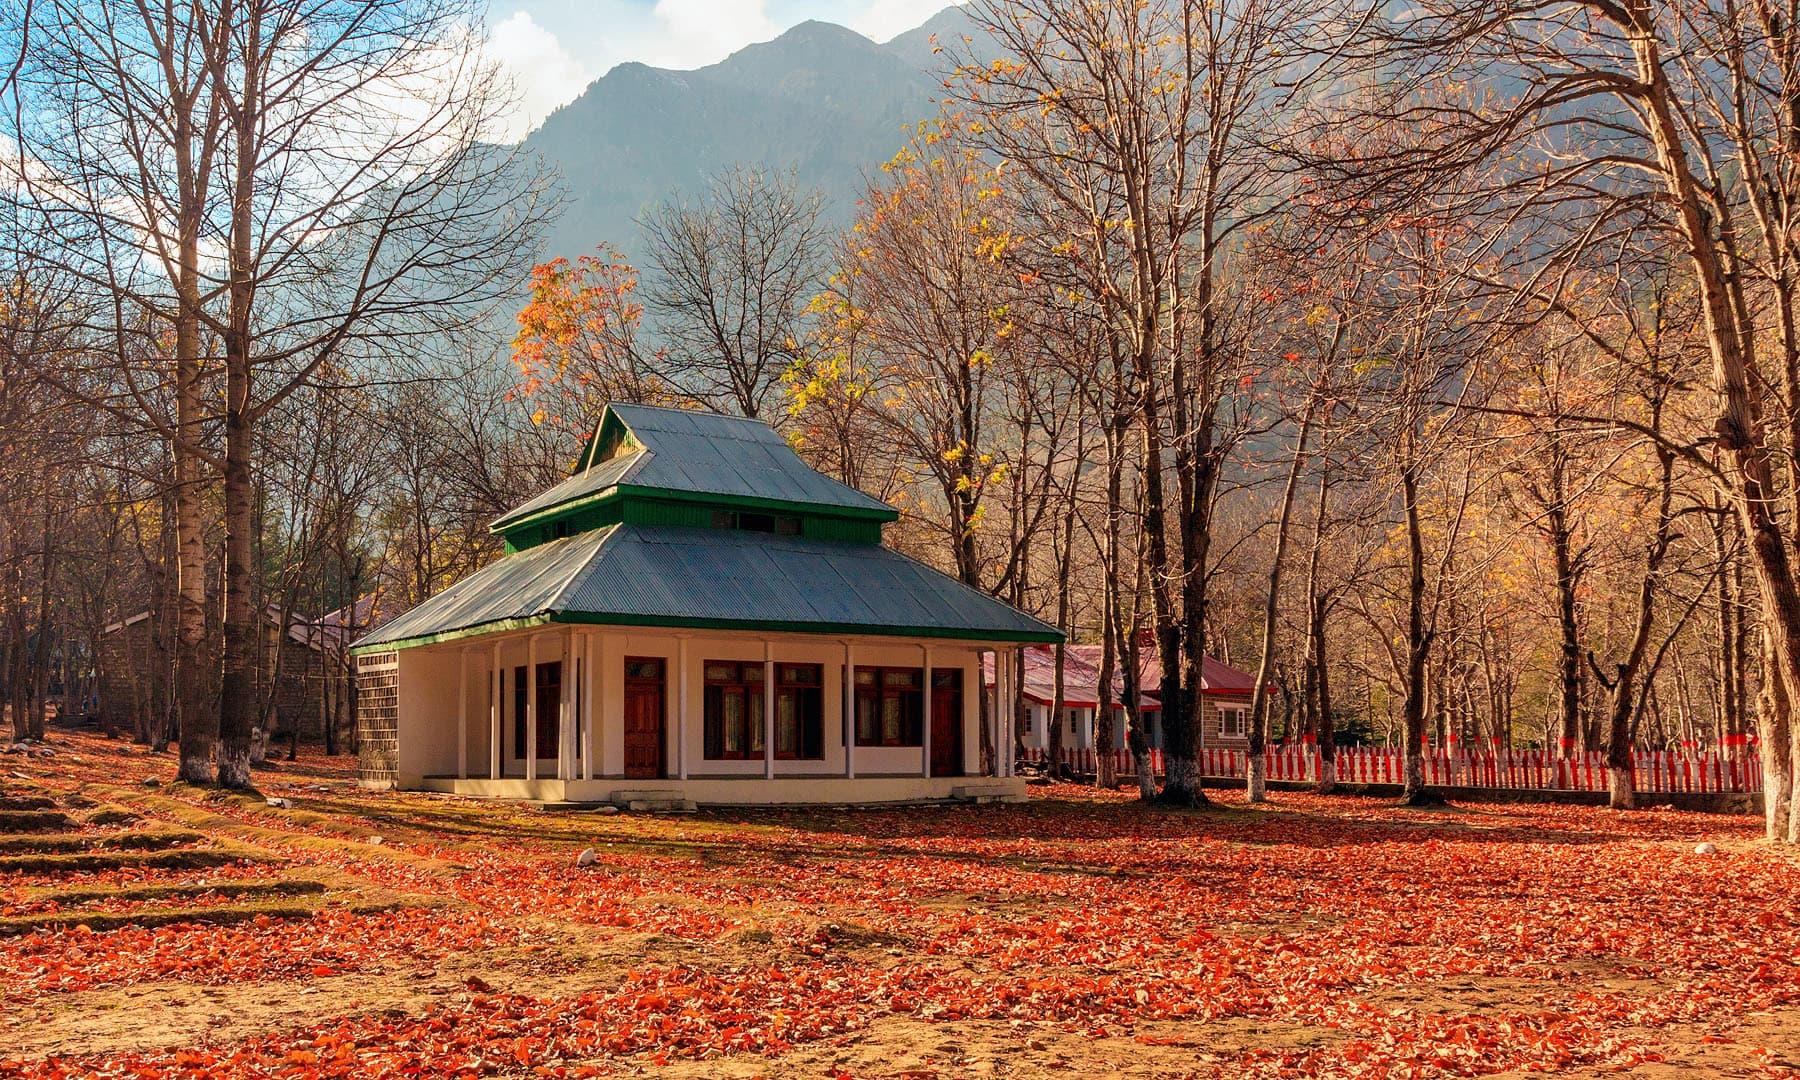 ناران میں پاکستان ٹورازم ڈویلپمنٹ کارپوریشن کا موٹل.— فوٹو سید مہدی بخاری